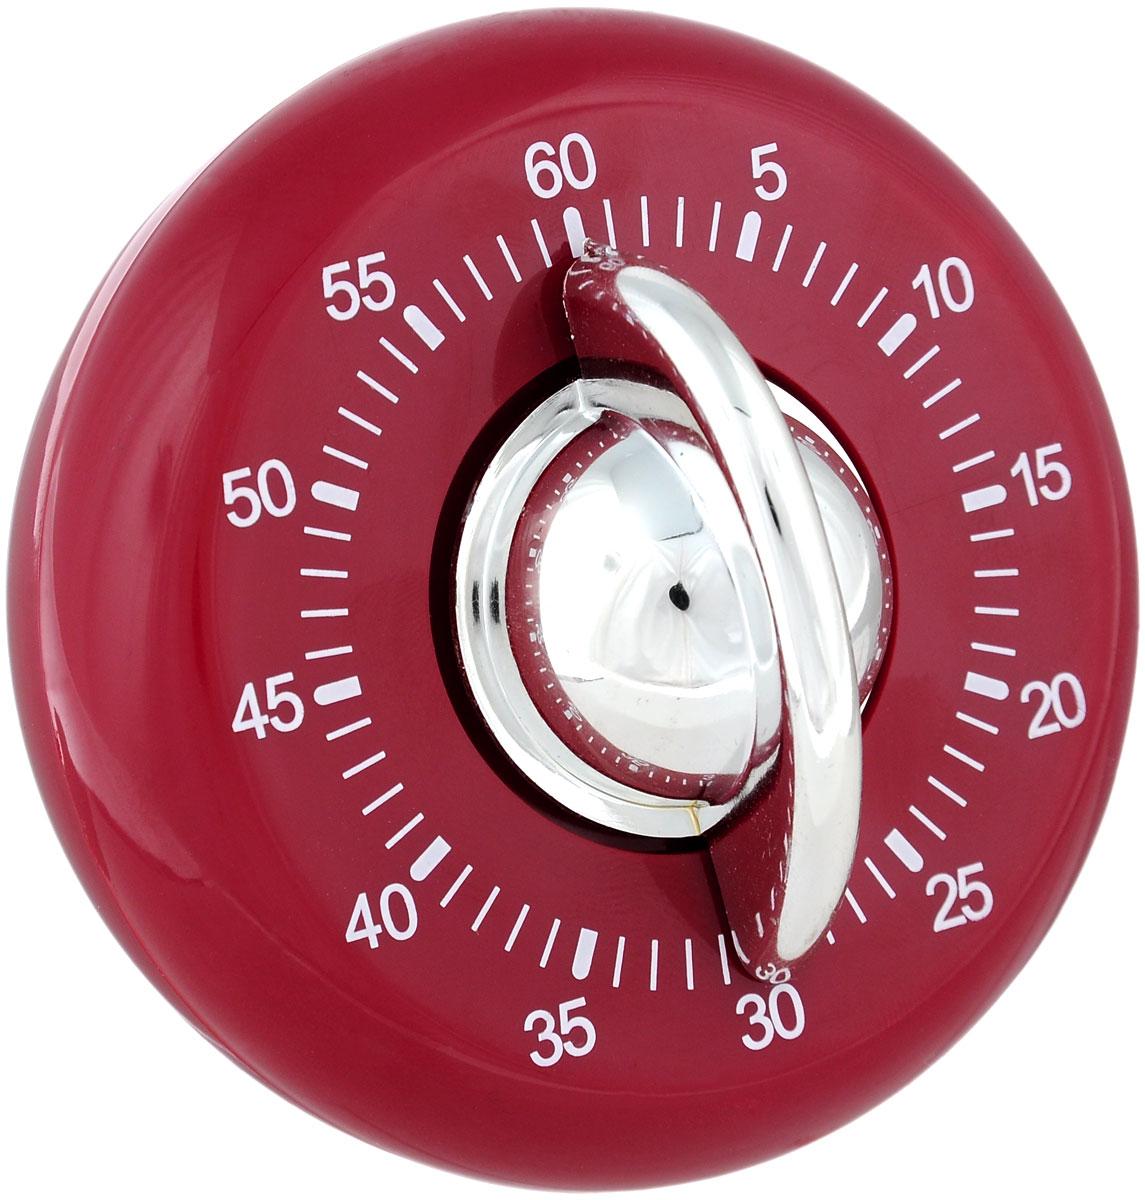 Таймер кухонный Judge, цвет: красный, на 60 минутTC307Кухонный таймер Judge изготовлен из цветного пластика. Максимальное время, на которое вы можете поставить таймер, составляет 60 минут. После того, как время истечет, таймер громко зазвенит. Оригинальный дизайн таймера украсит интерьер любой современной кухни, и теперь вы сможете без труда вскипятить молоко, отварить пельмени или вовремя вынуть из духовки аппетитный пирог.